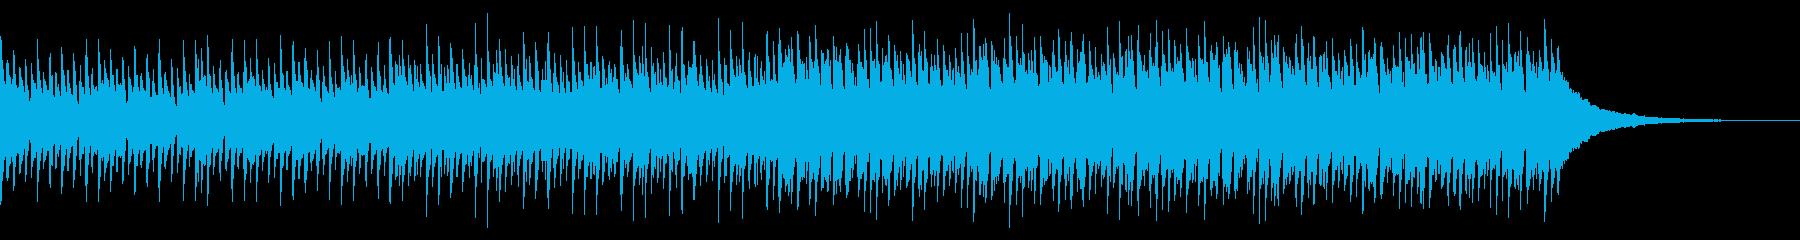 ショートver エレクトロ 未来 新鮮の再生済みの波形